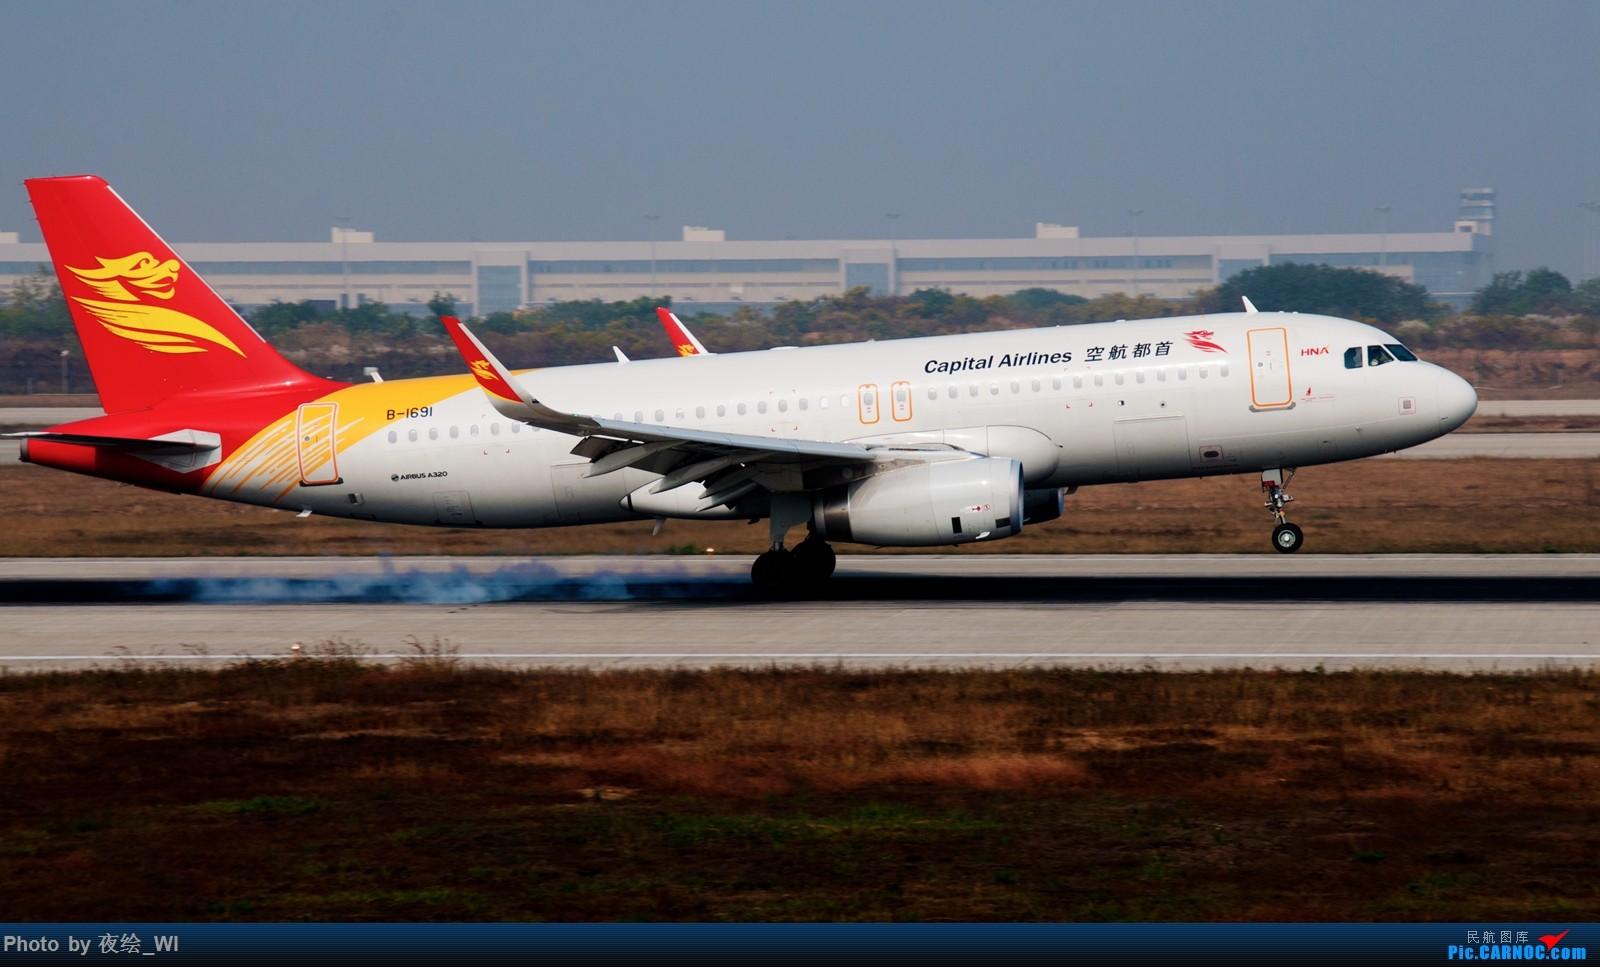 Re:[原创]【NKG】生日第二天就去拍机,日常练手+练后期,今天是胶片味 AIRBUS A320-200 B-1691 中国南京禄口国际机场